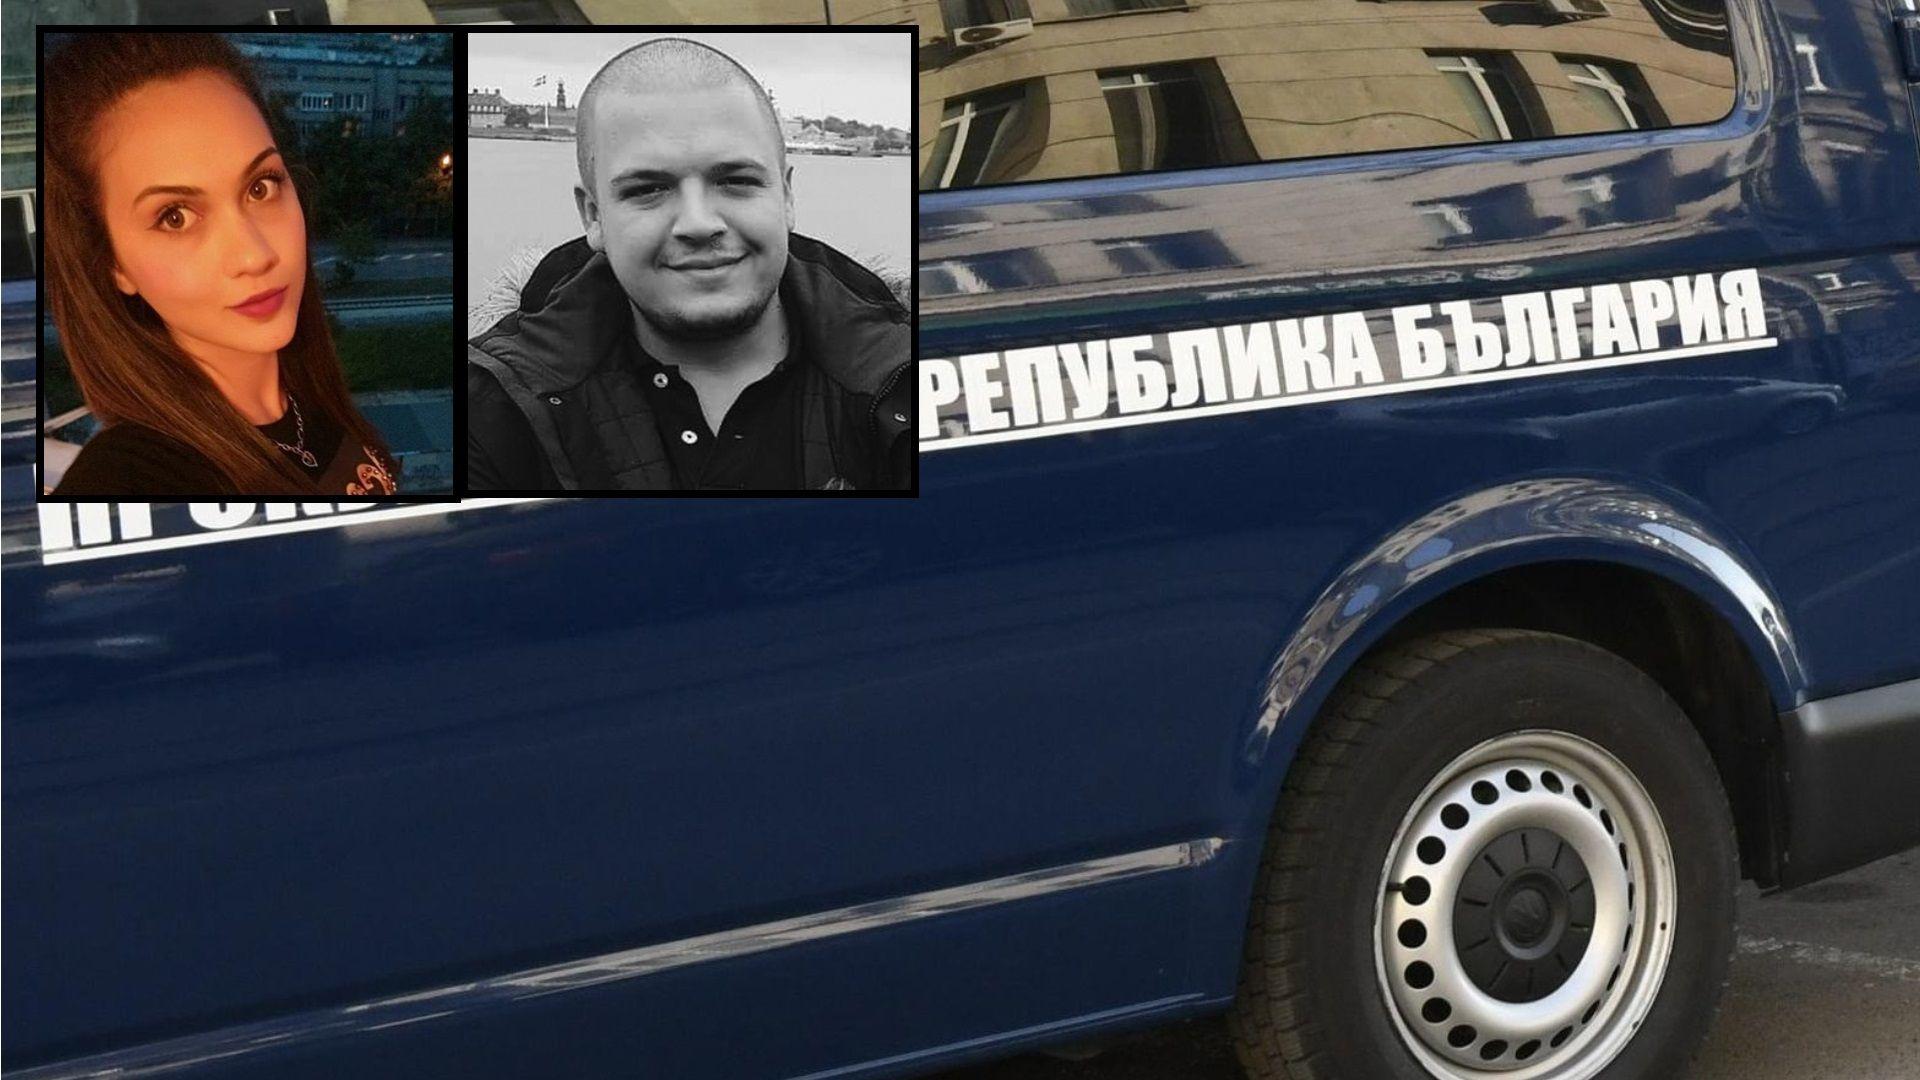 Върховната касационна прокуратура взе на специален надзор делата за убийствата